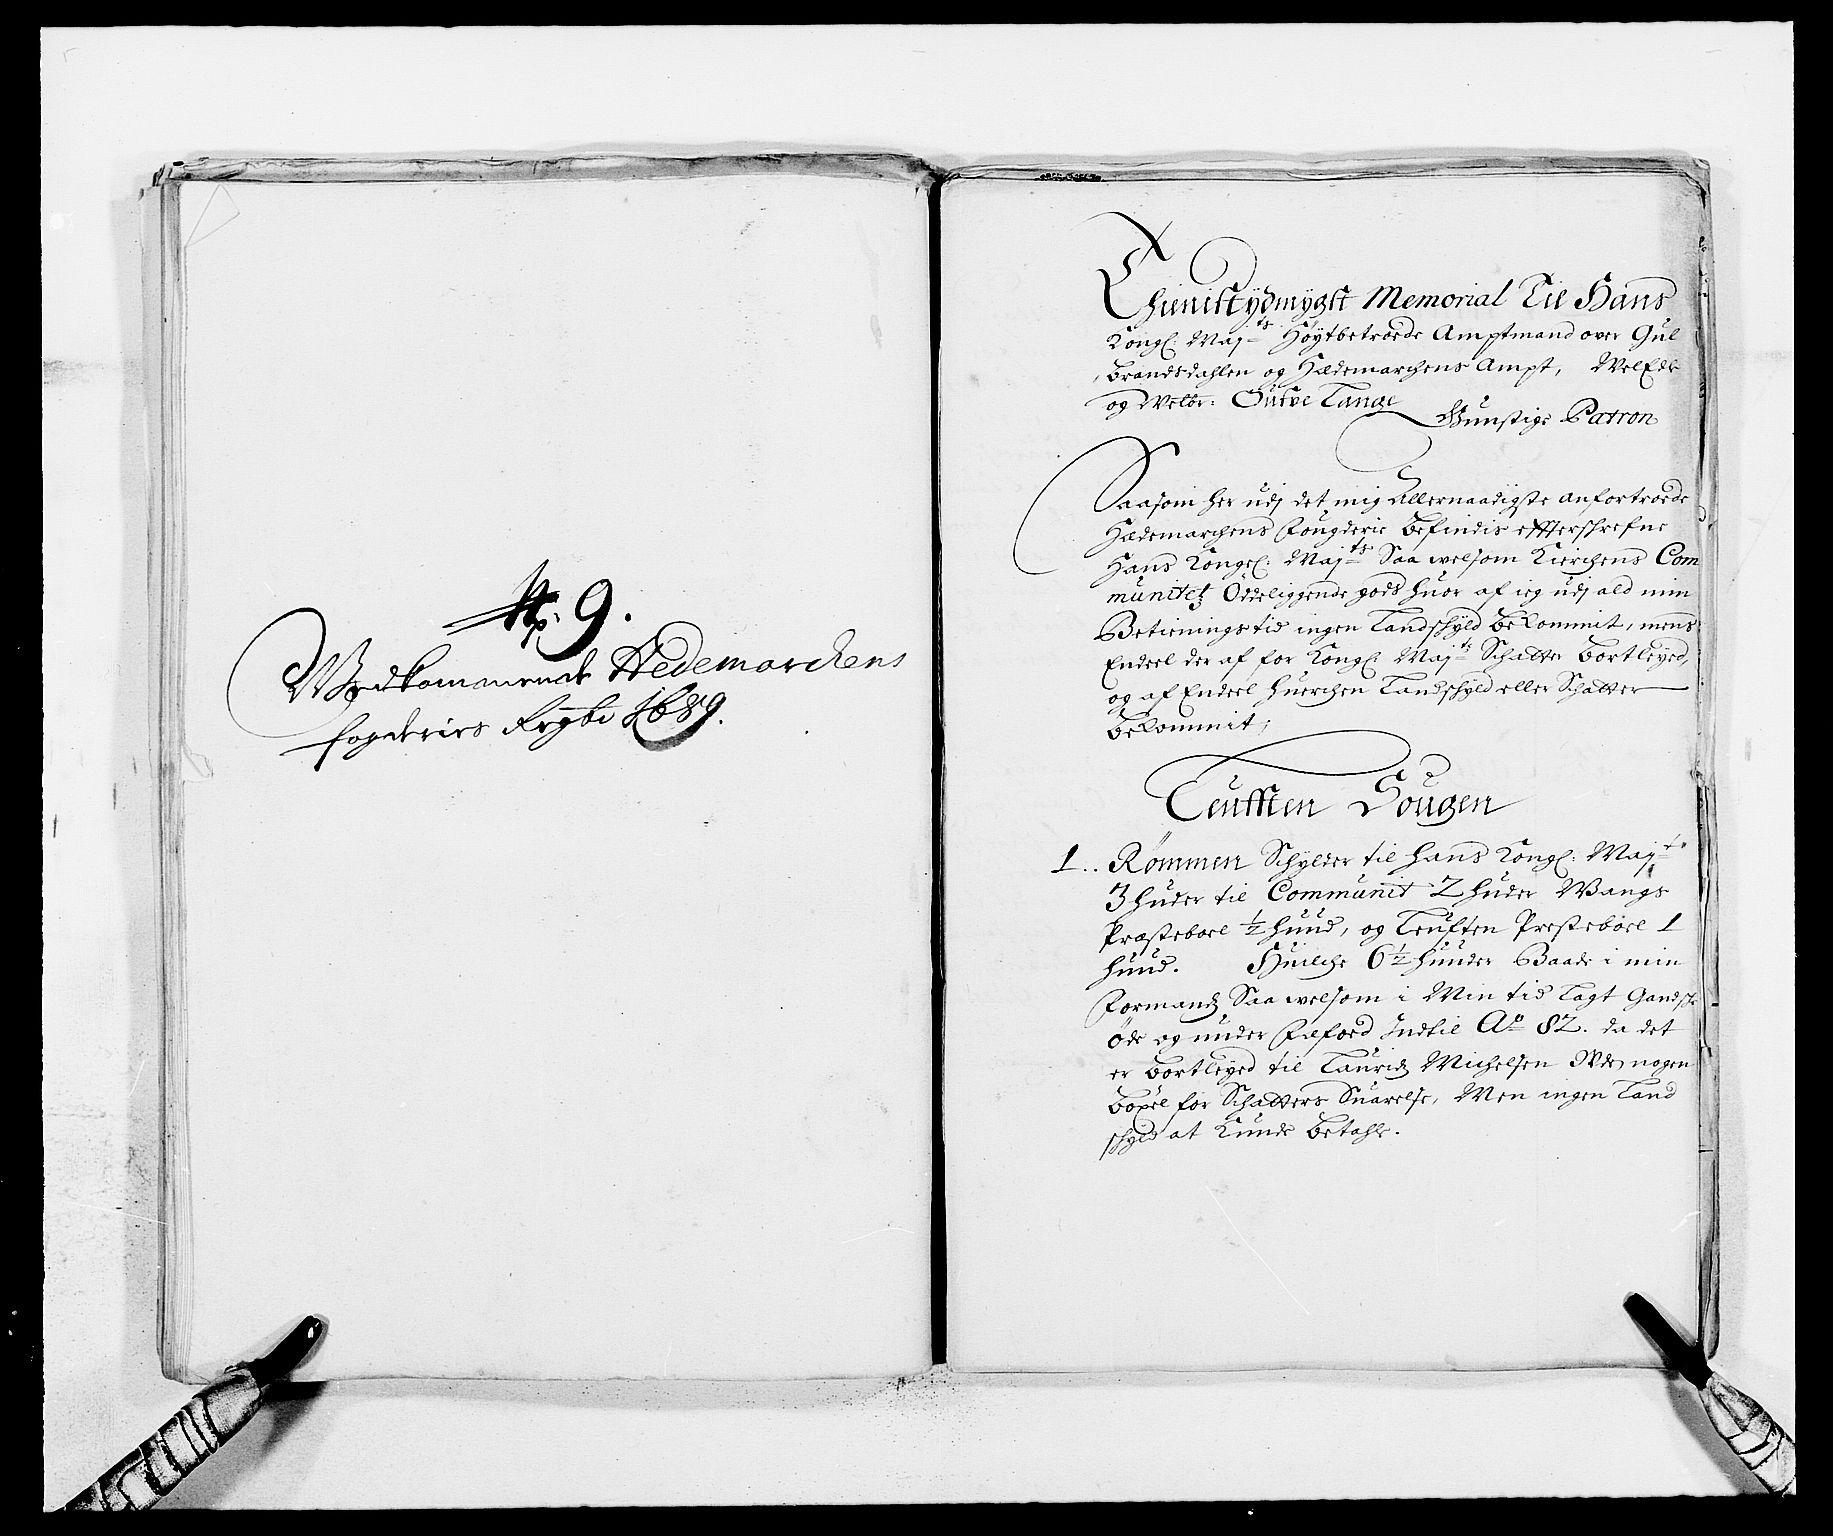 RA, Rentekammeret inntil 1814, Reviderte regnskaper, Fogderegnskap, R16/L1031: Fogderegnskap Hedmark, 1689-1692, s. 207